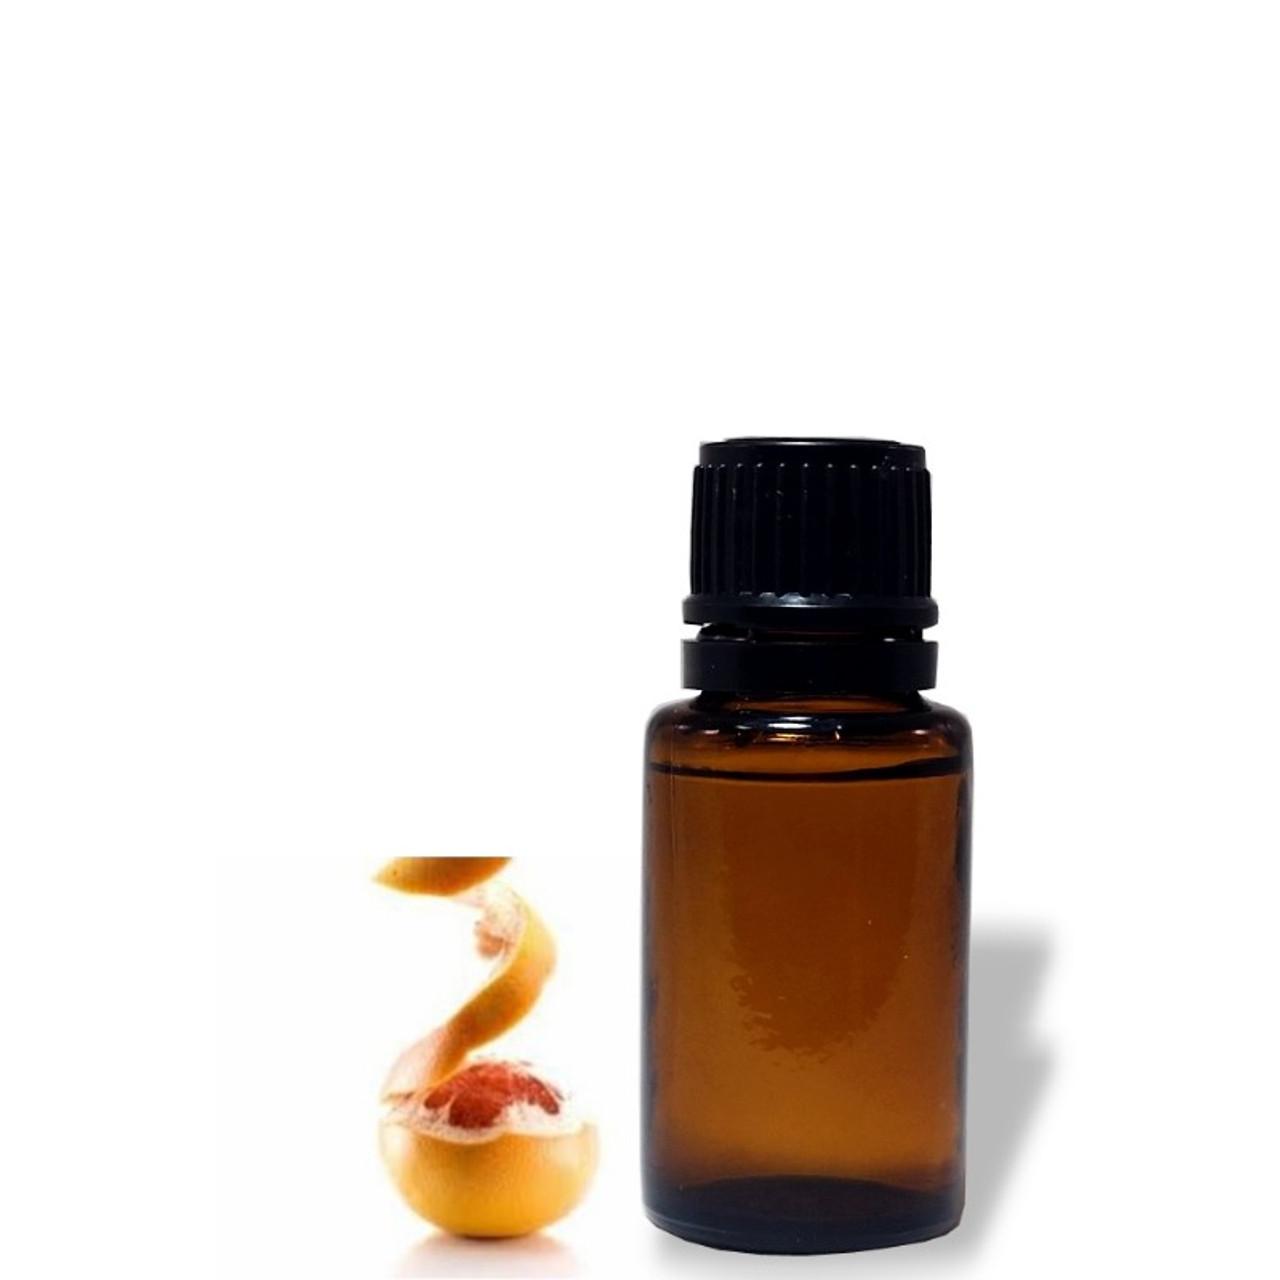 Grapefruit Essential Oil